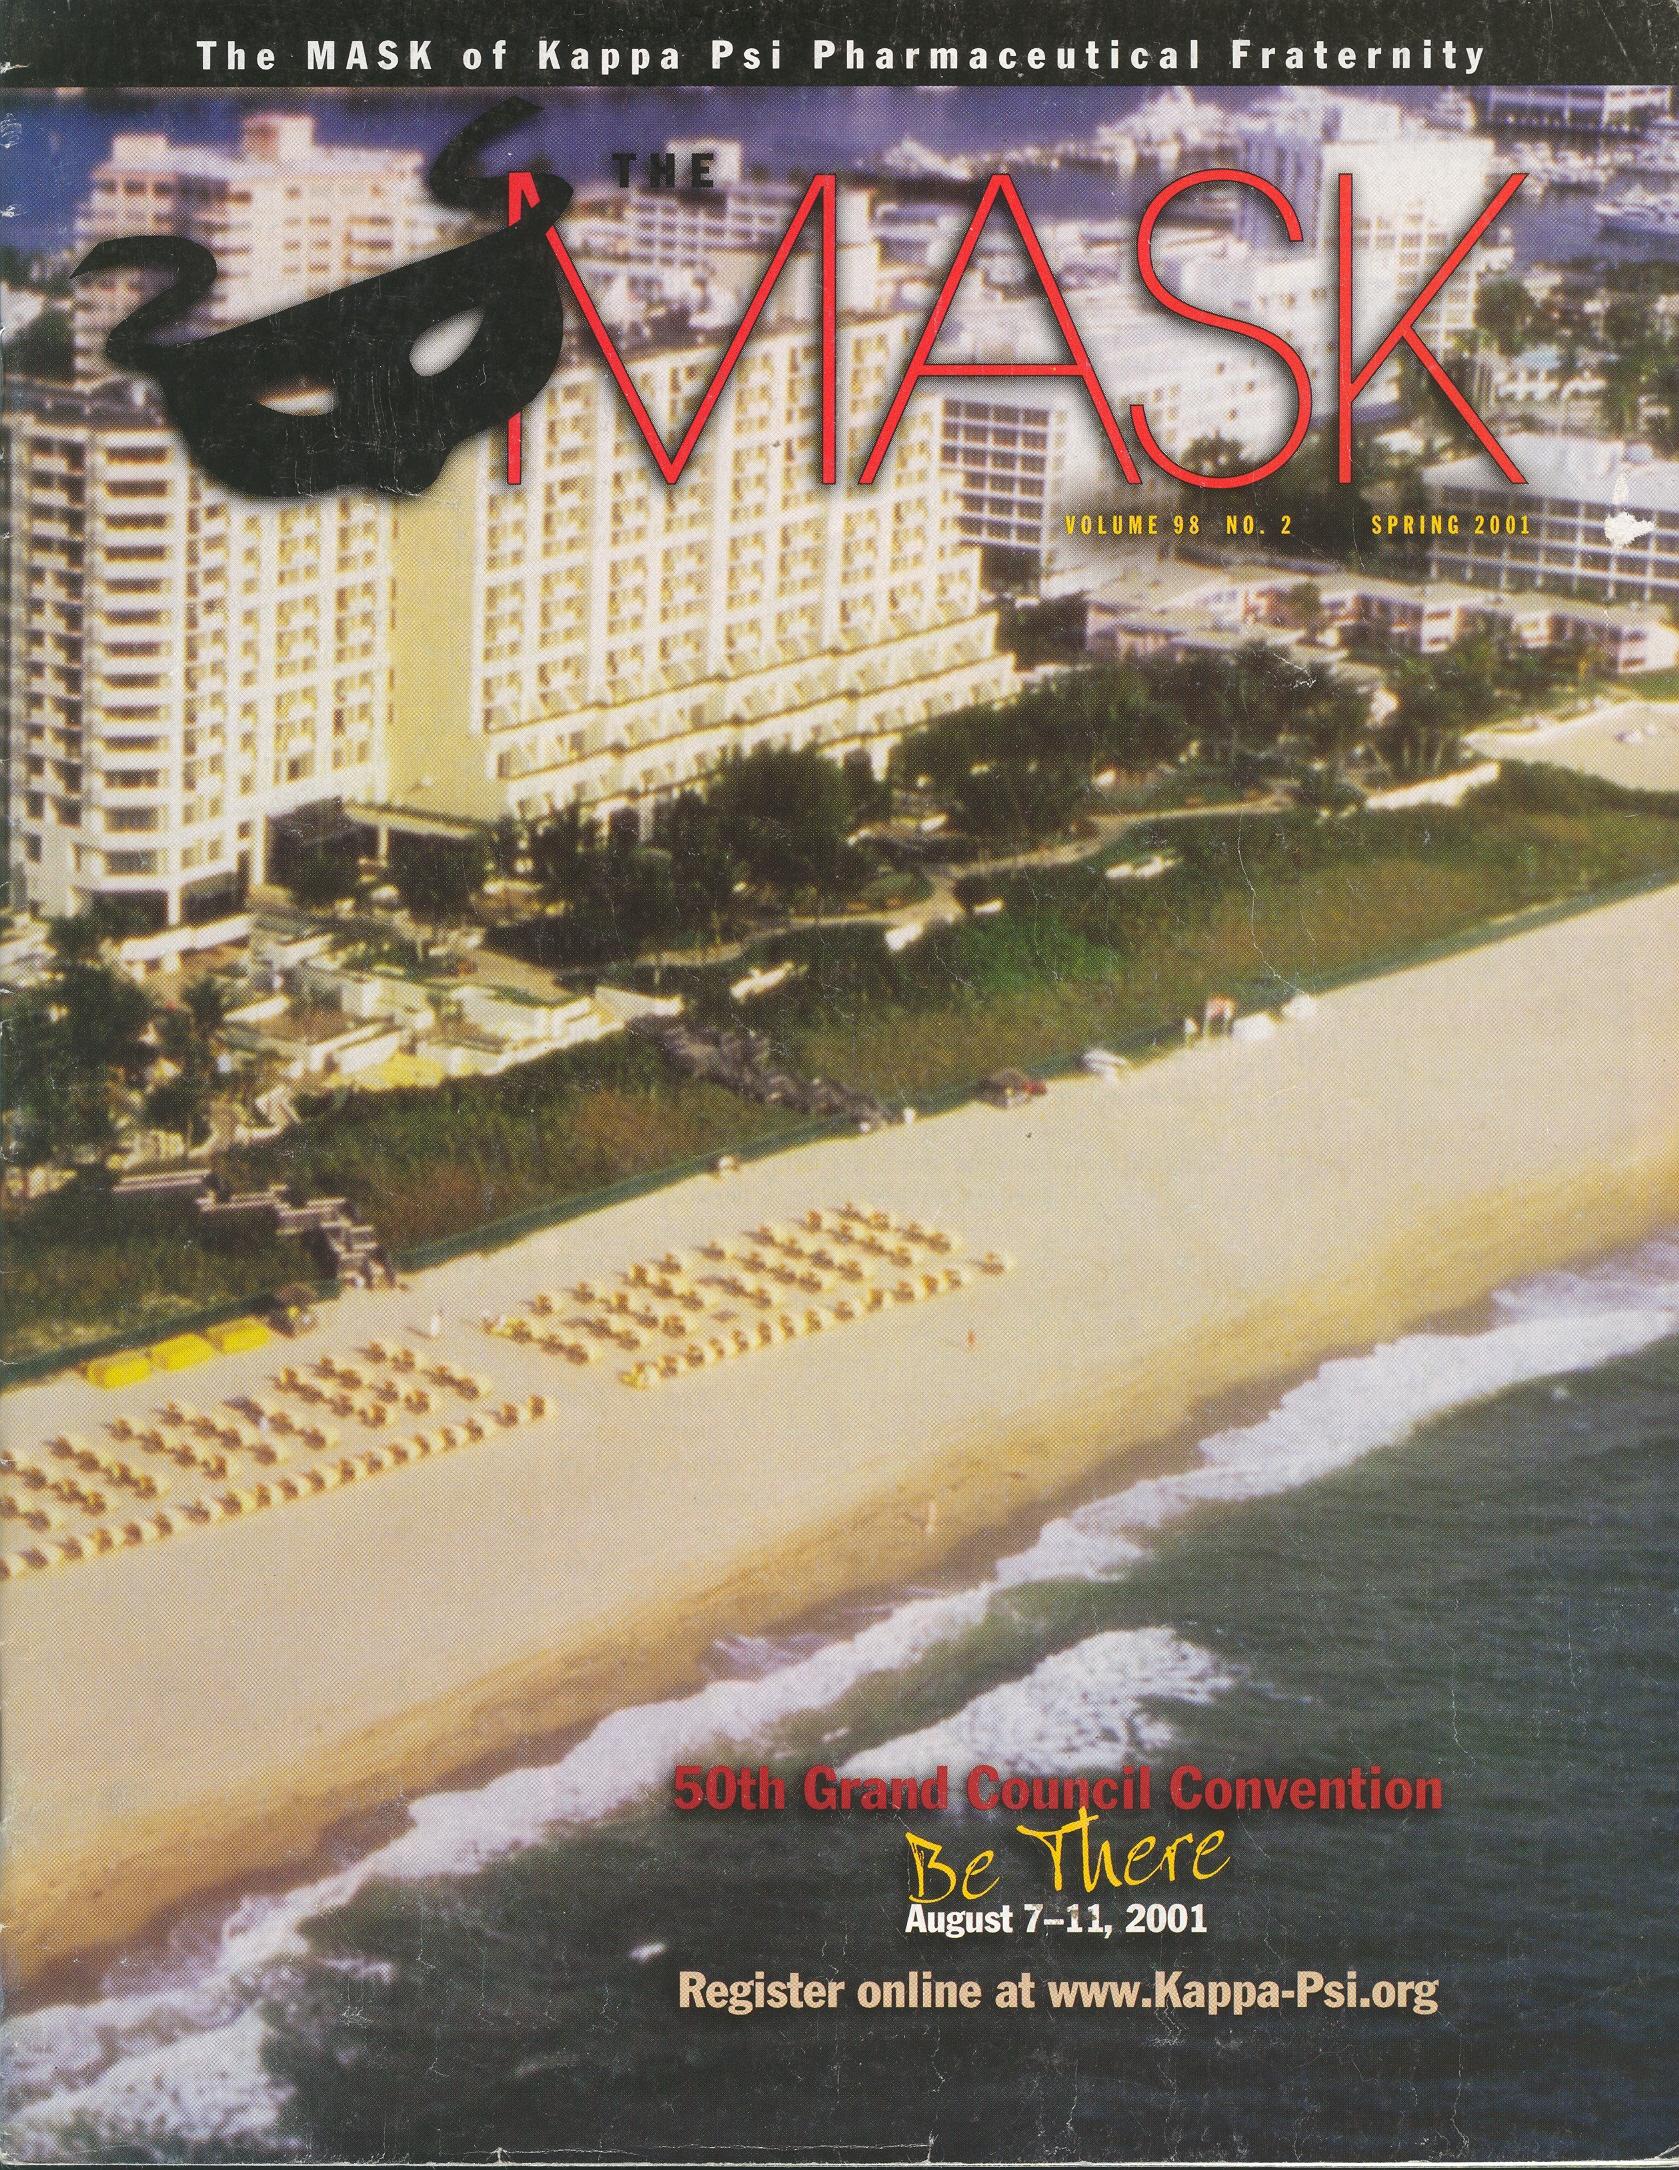 mask_cover_98-2_2001_spr.jpg